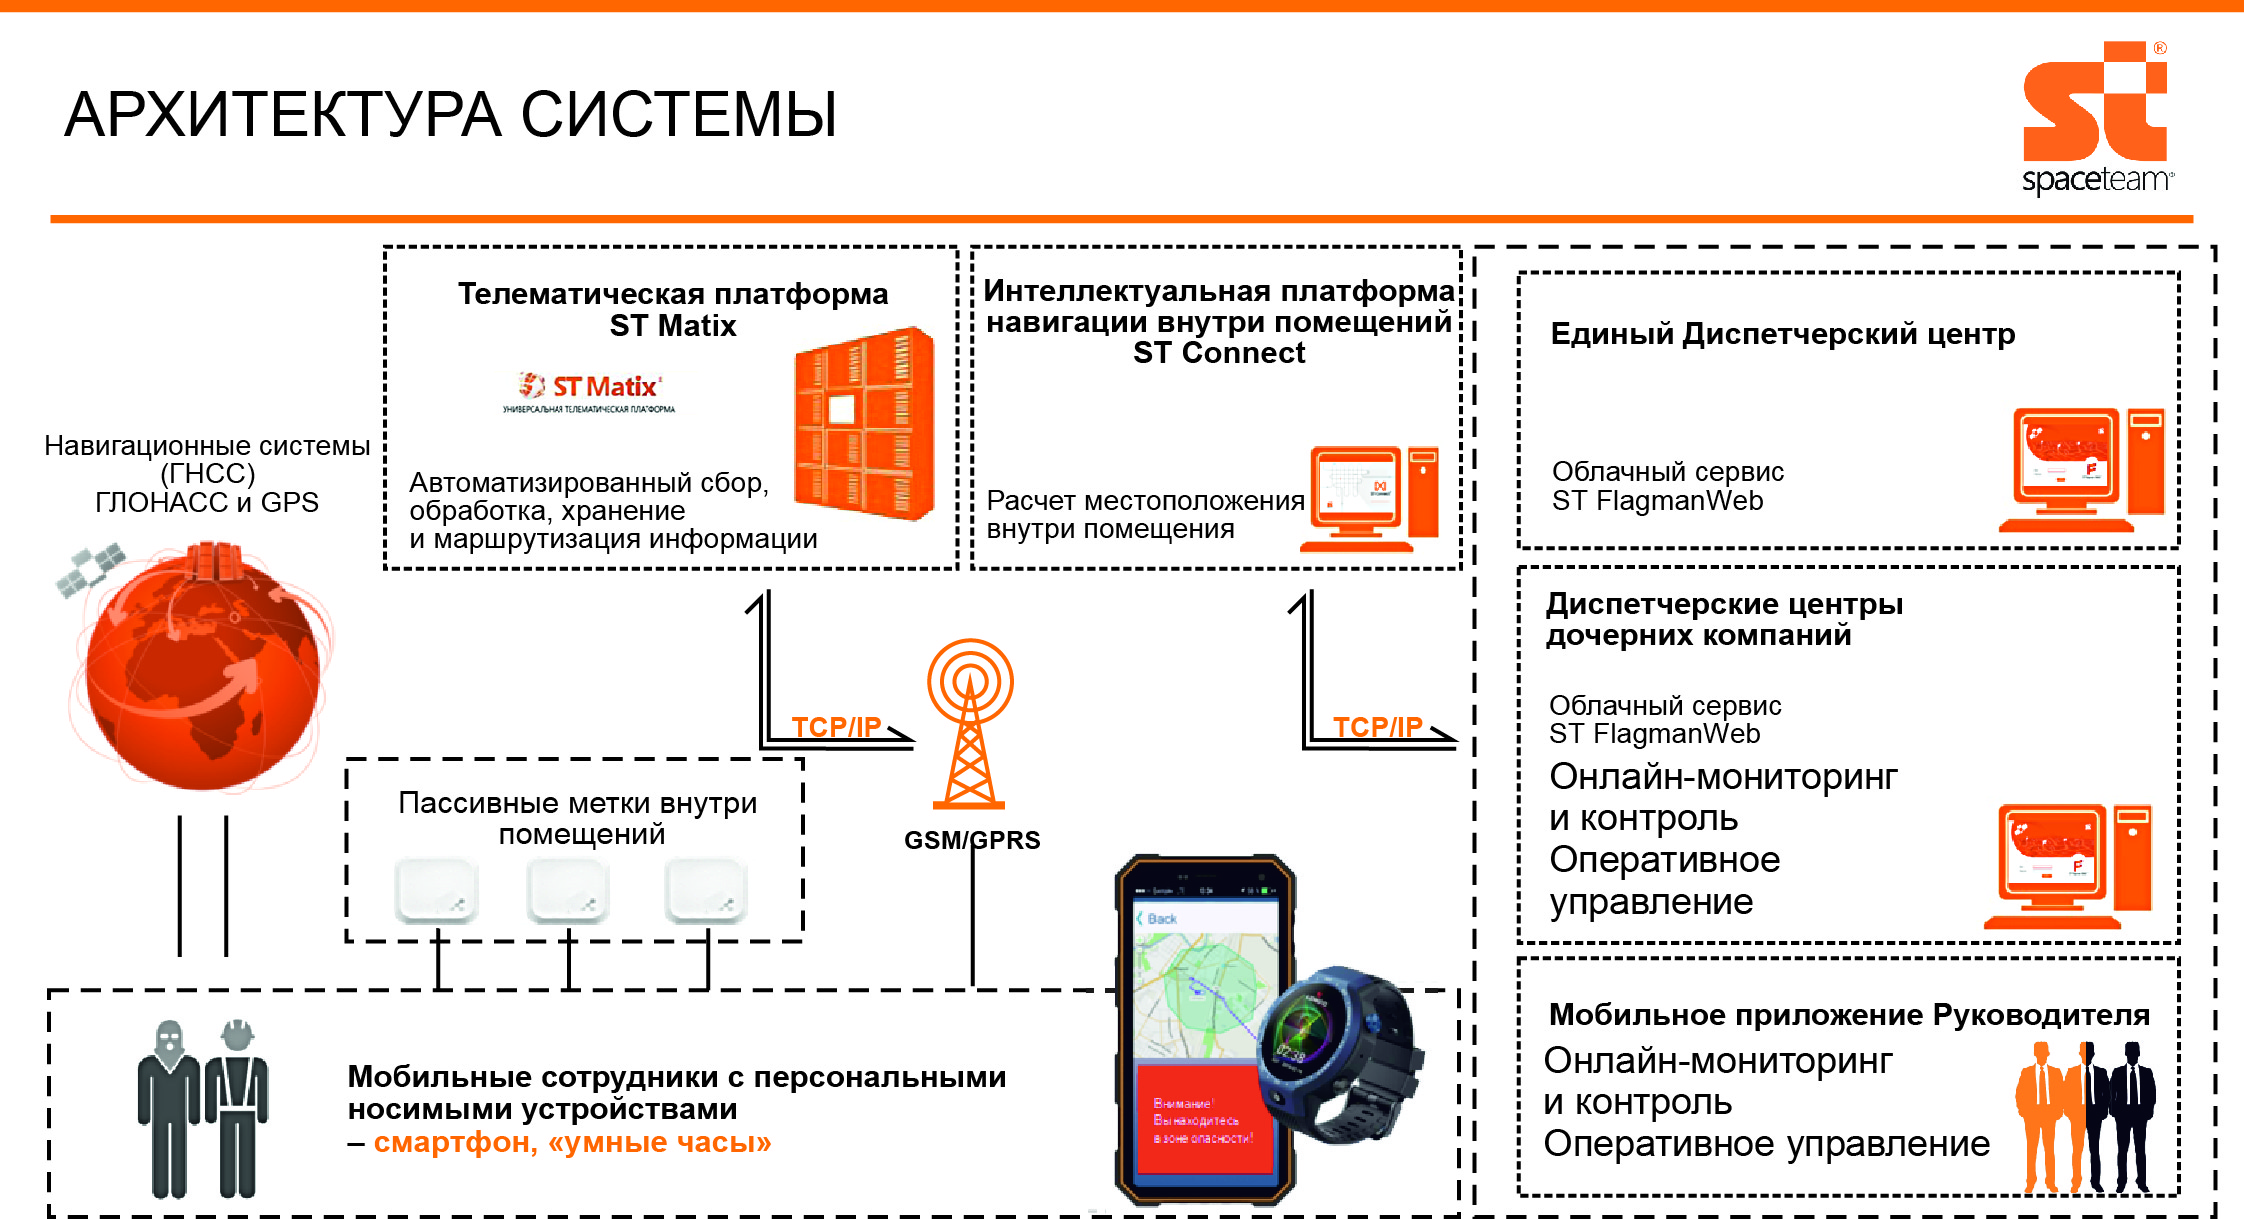 Схема работы автоматизированной системы мониторинга и контроля персонала, транспортных средств и погрузочной техники вне и внутри помещений на базе интеллектуальной платформы ST Connect